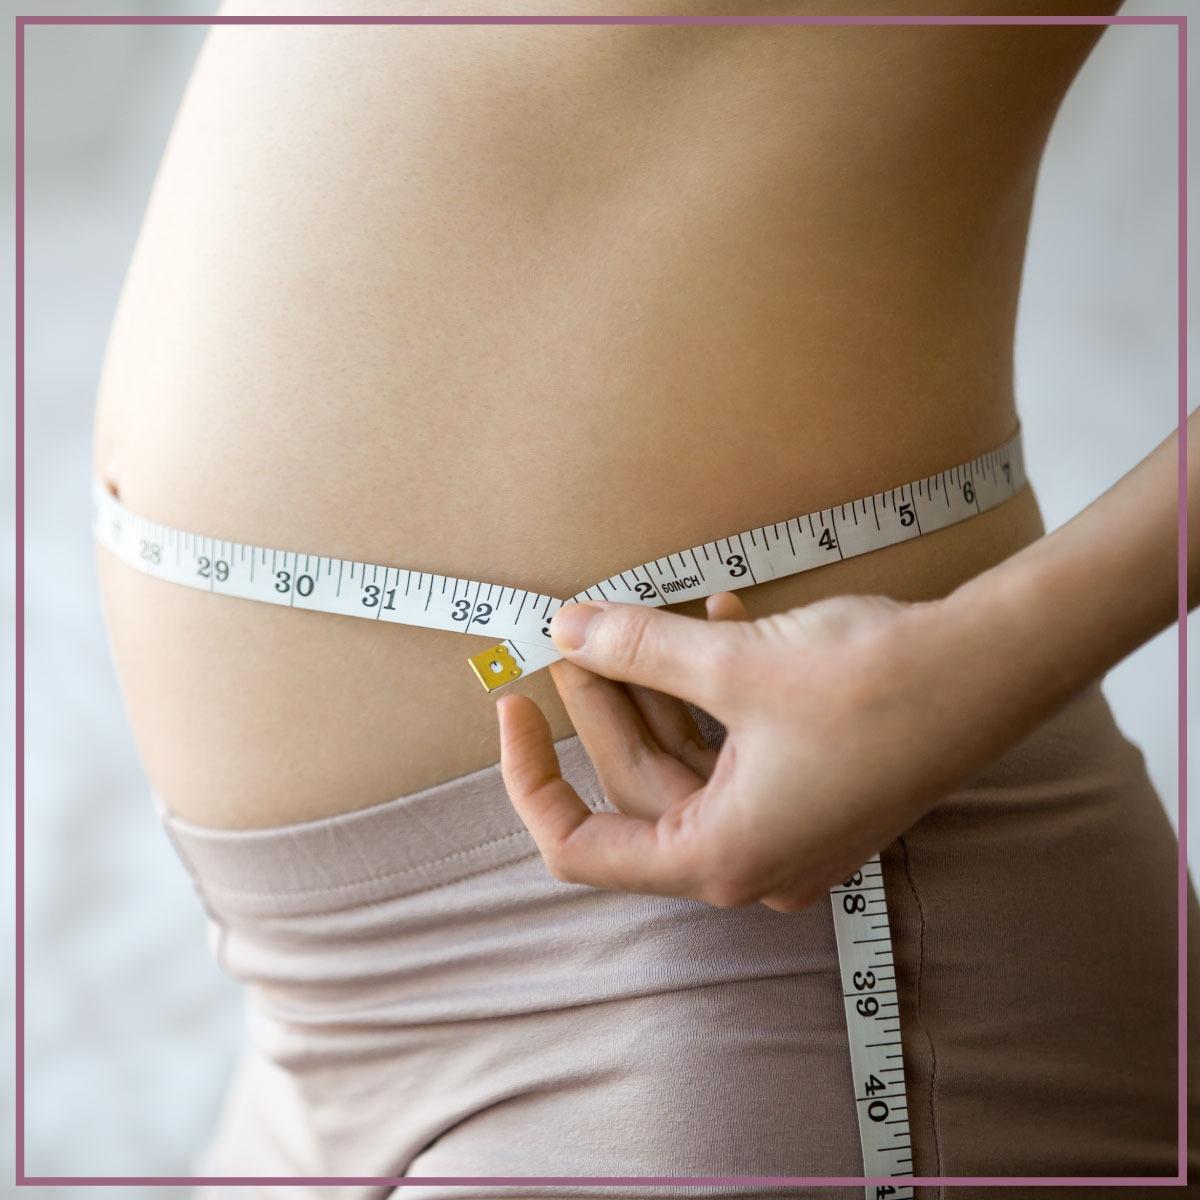 Su-AskaNews.it-intervista-alla-Dr.ssa-Gemma-Fabozzi-La-nutrizionista-in-gravidanza-giusto-aumento-fra-11-e-16-chili.jpeg